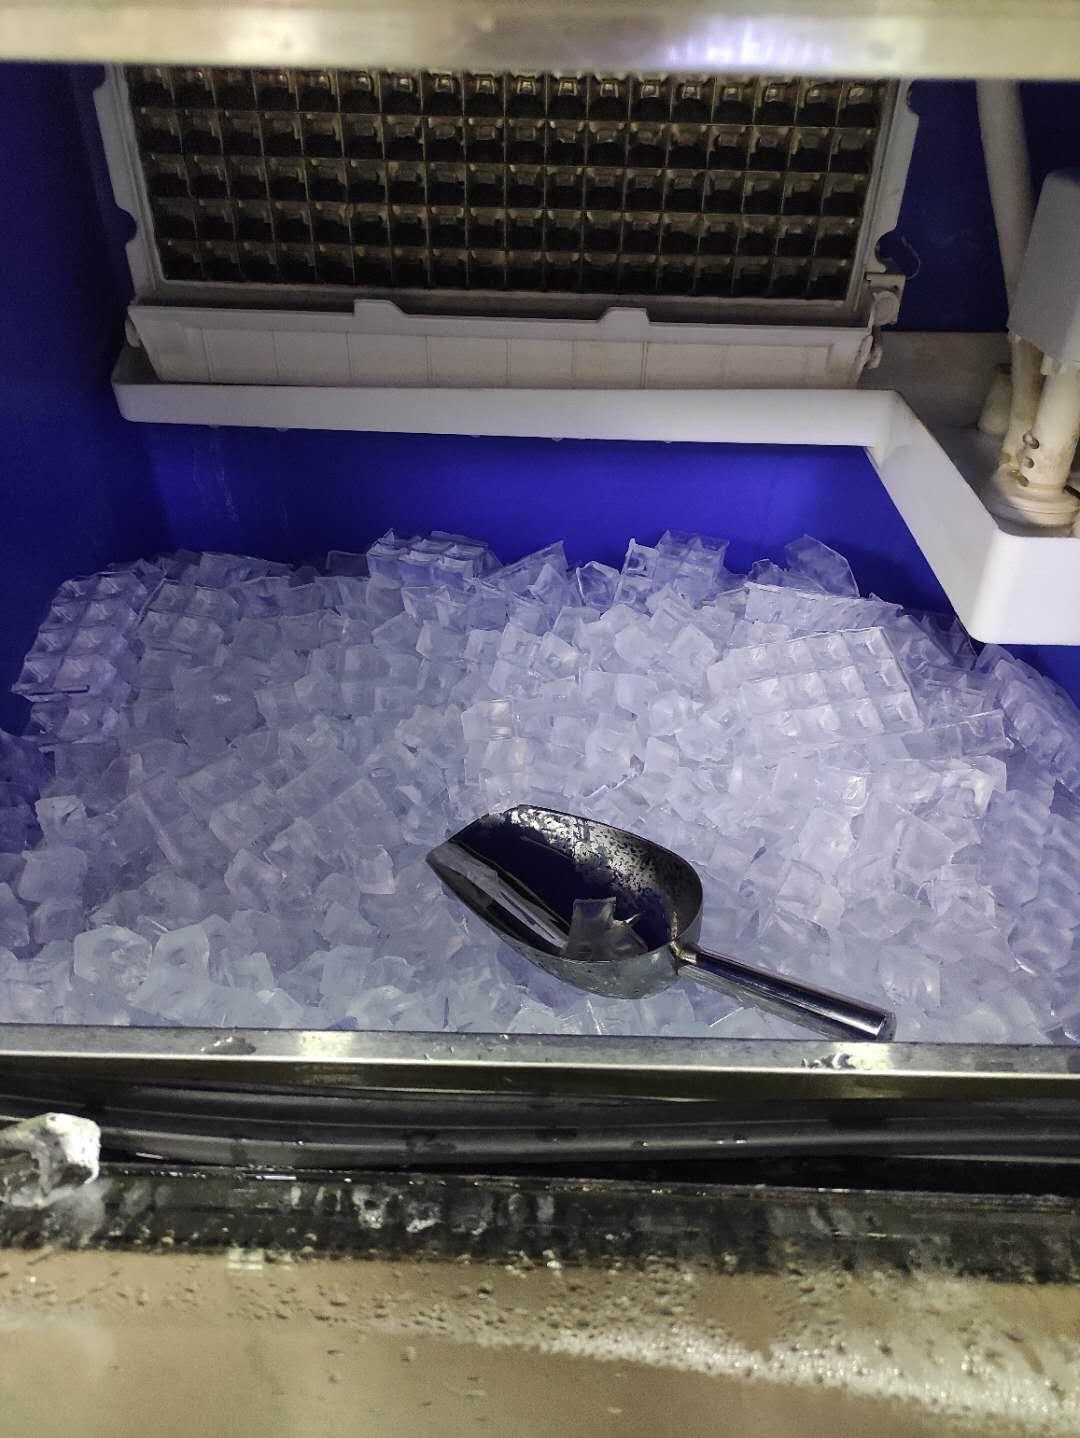 奶茶店常用设备--制冰机怎么用?制冰机使用注意事项!